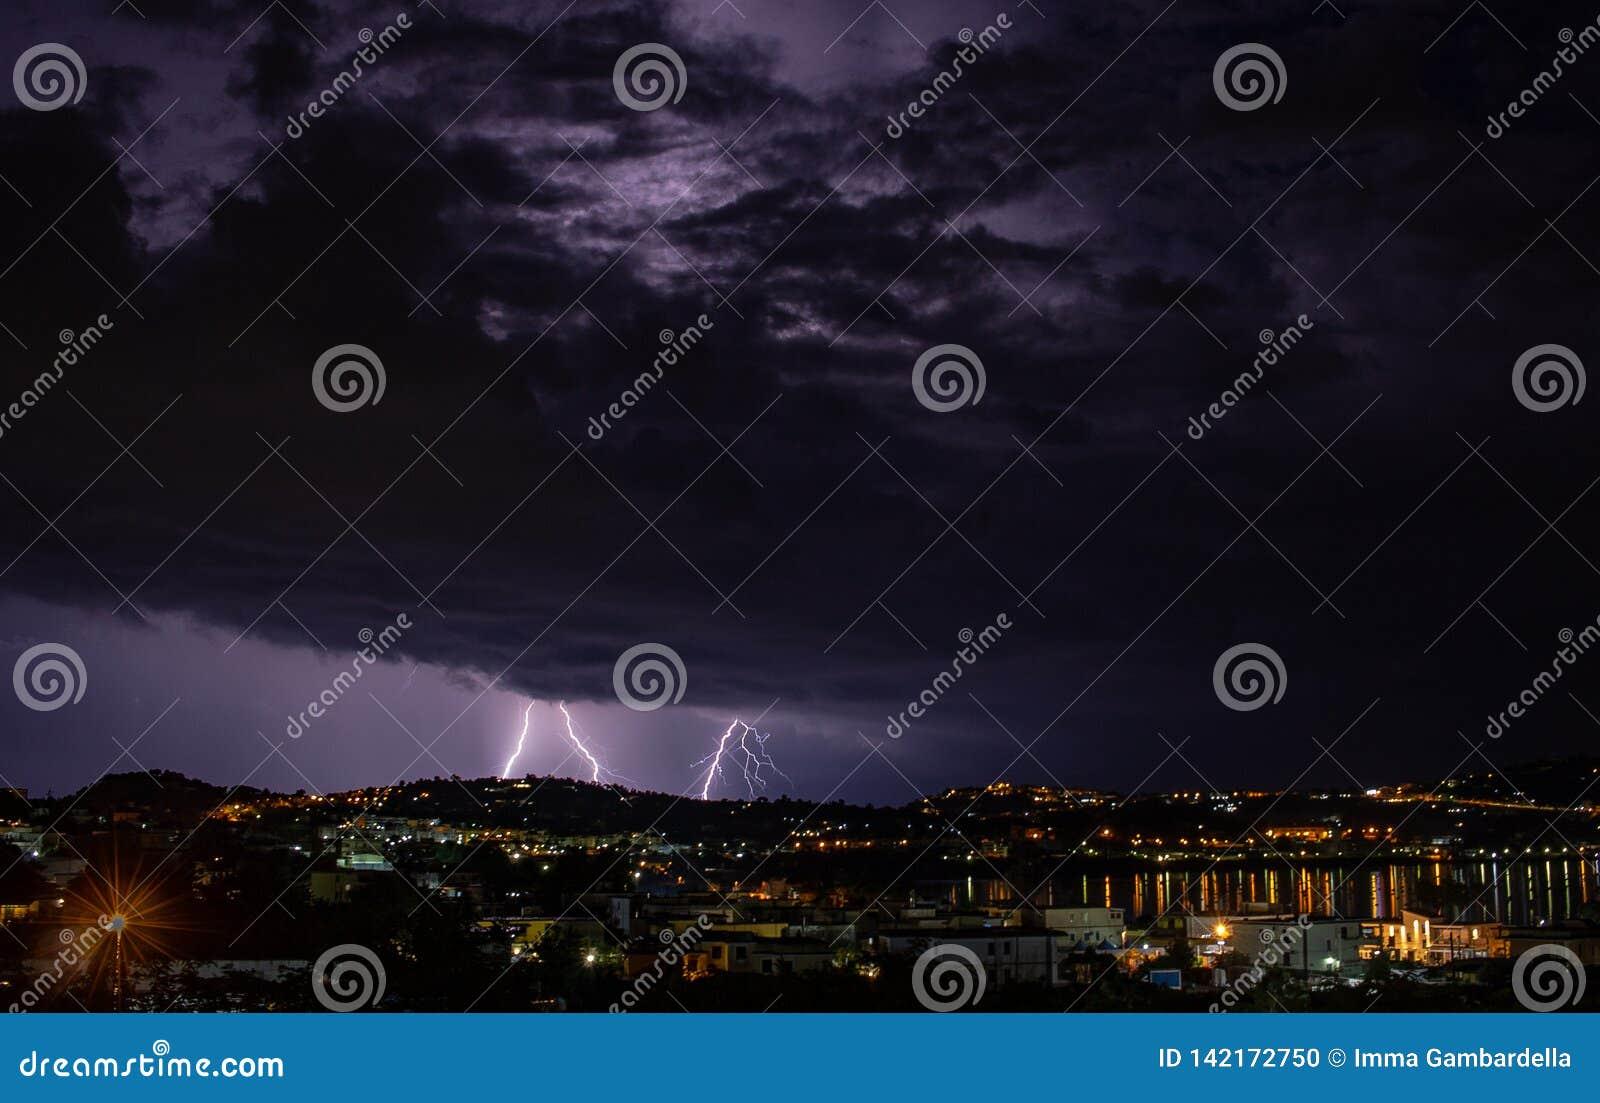 Nadchodząca burza iluminuje miasto